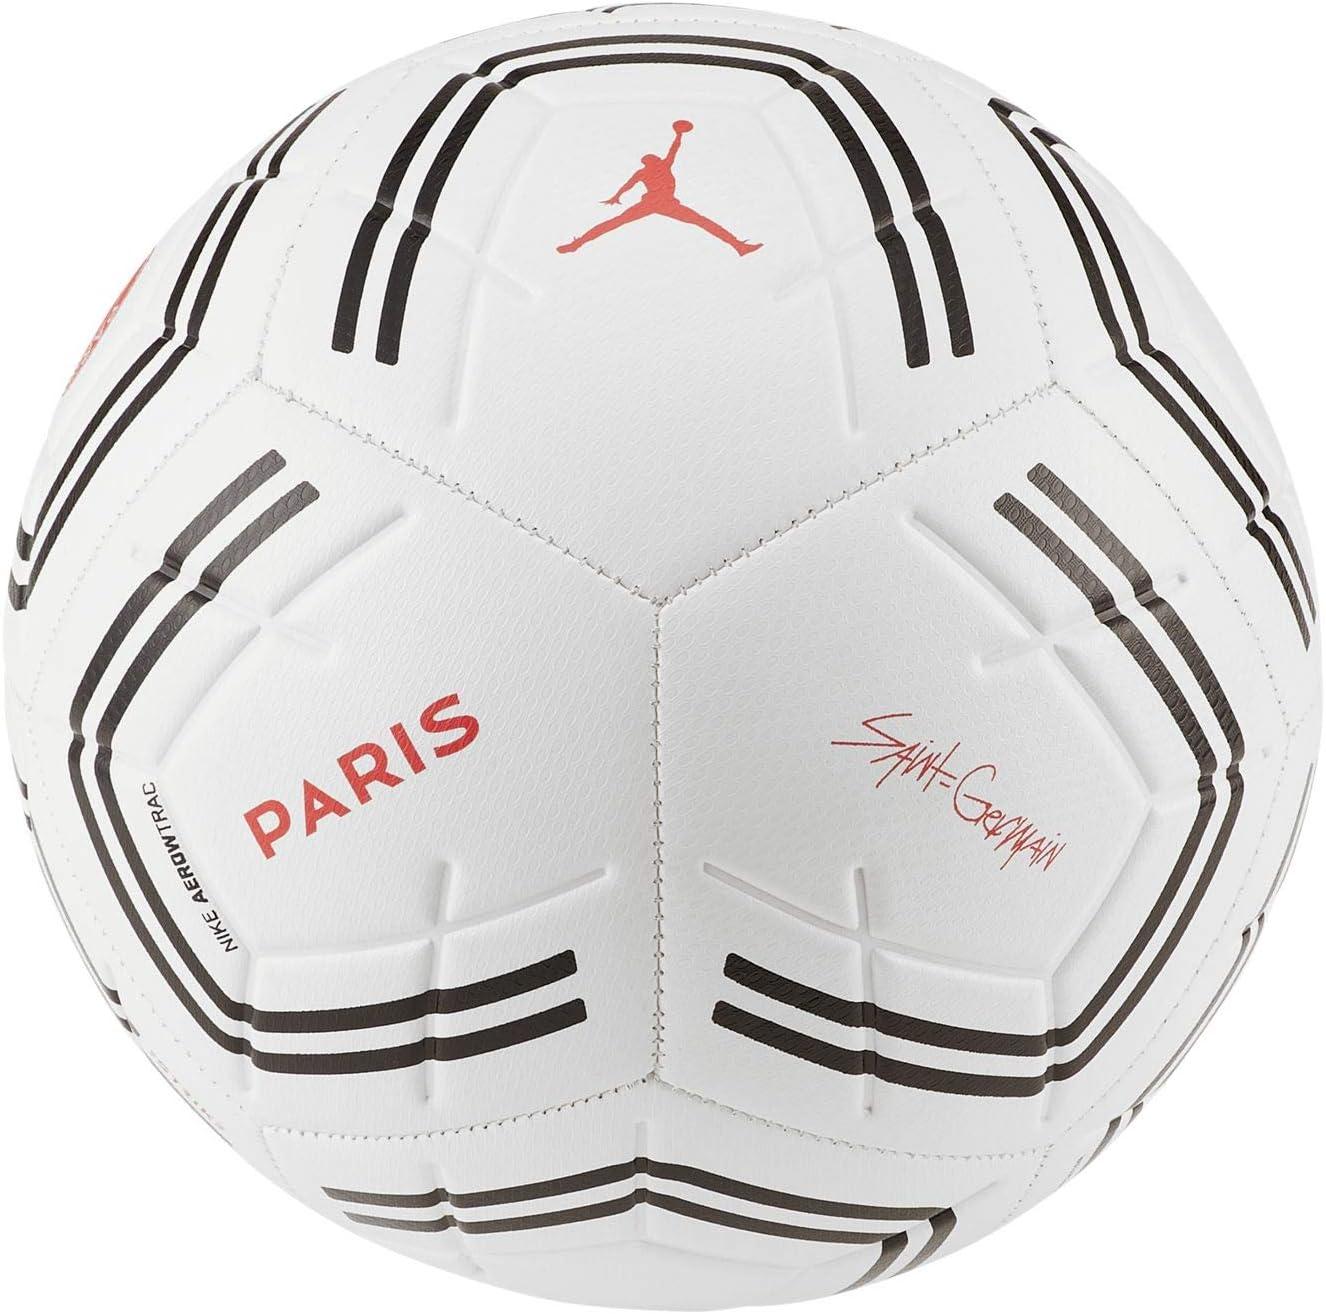 Jordan PSG Nk Strk Balones Fútbol